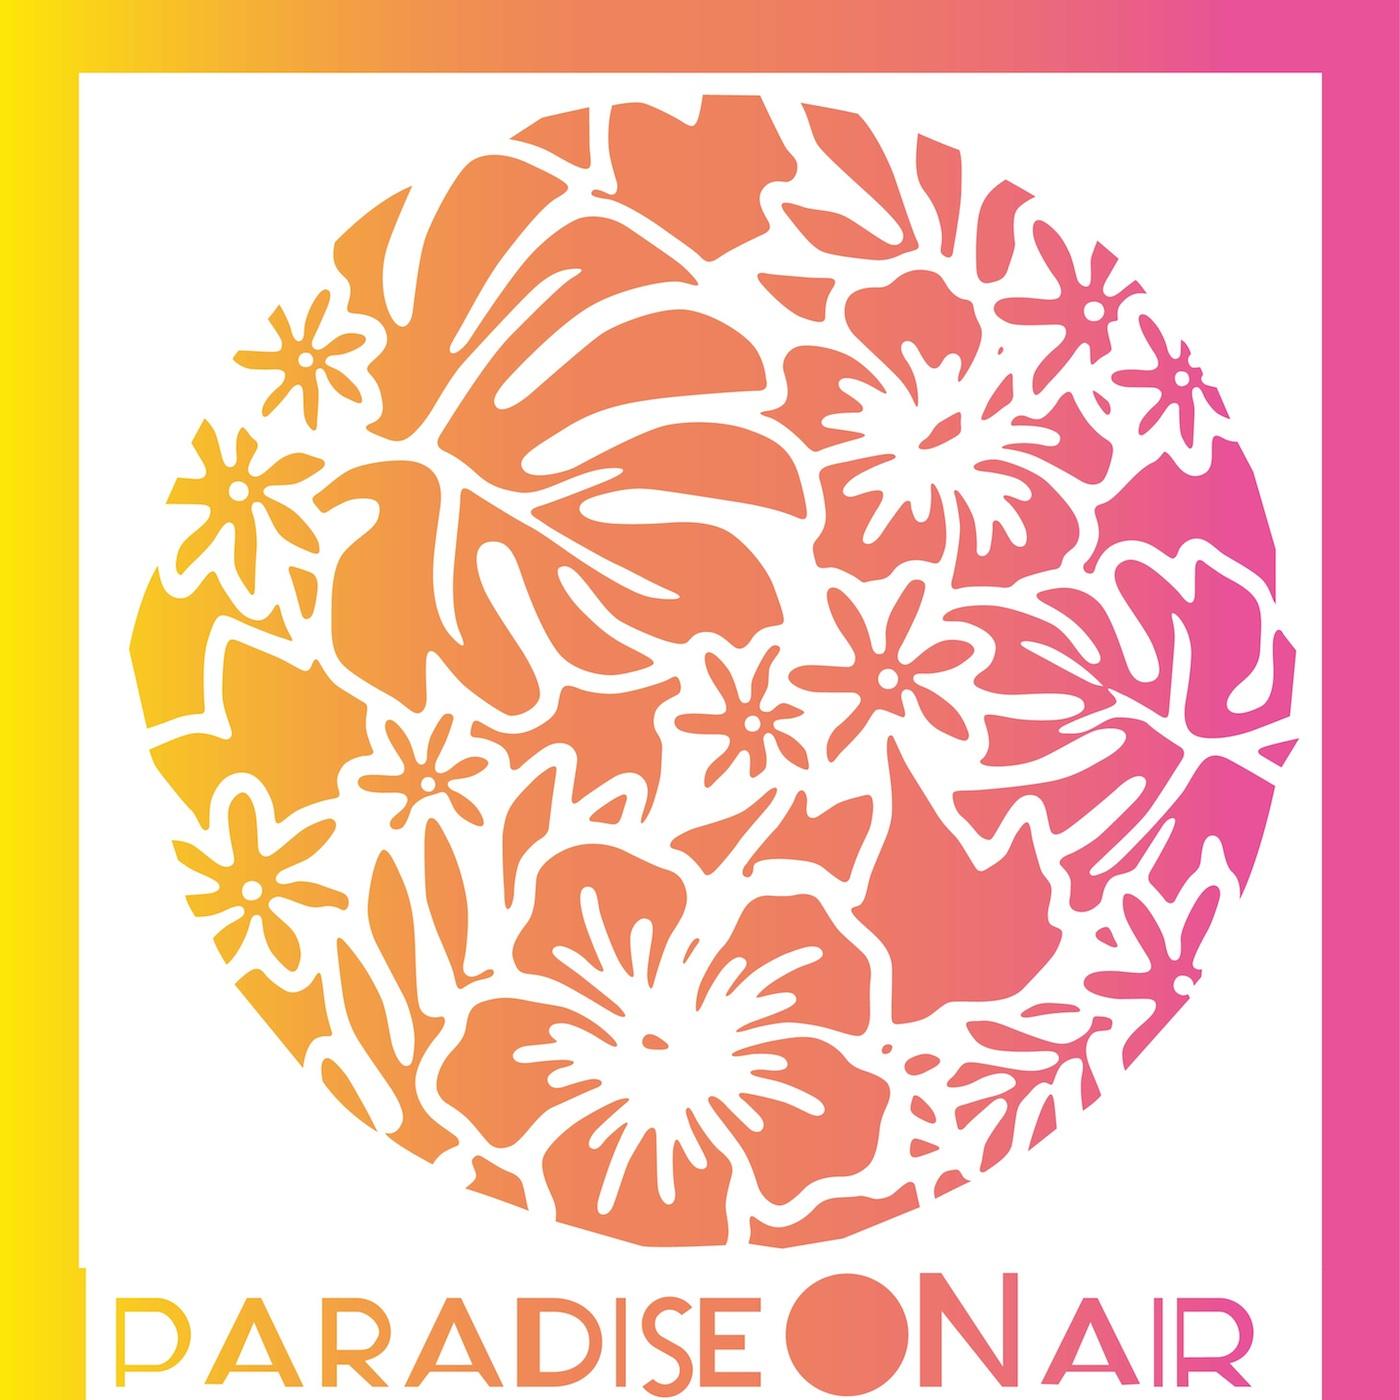 PARADISE ON AIR